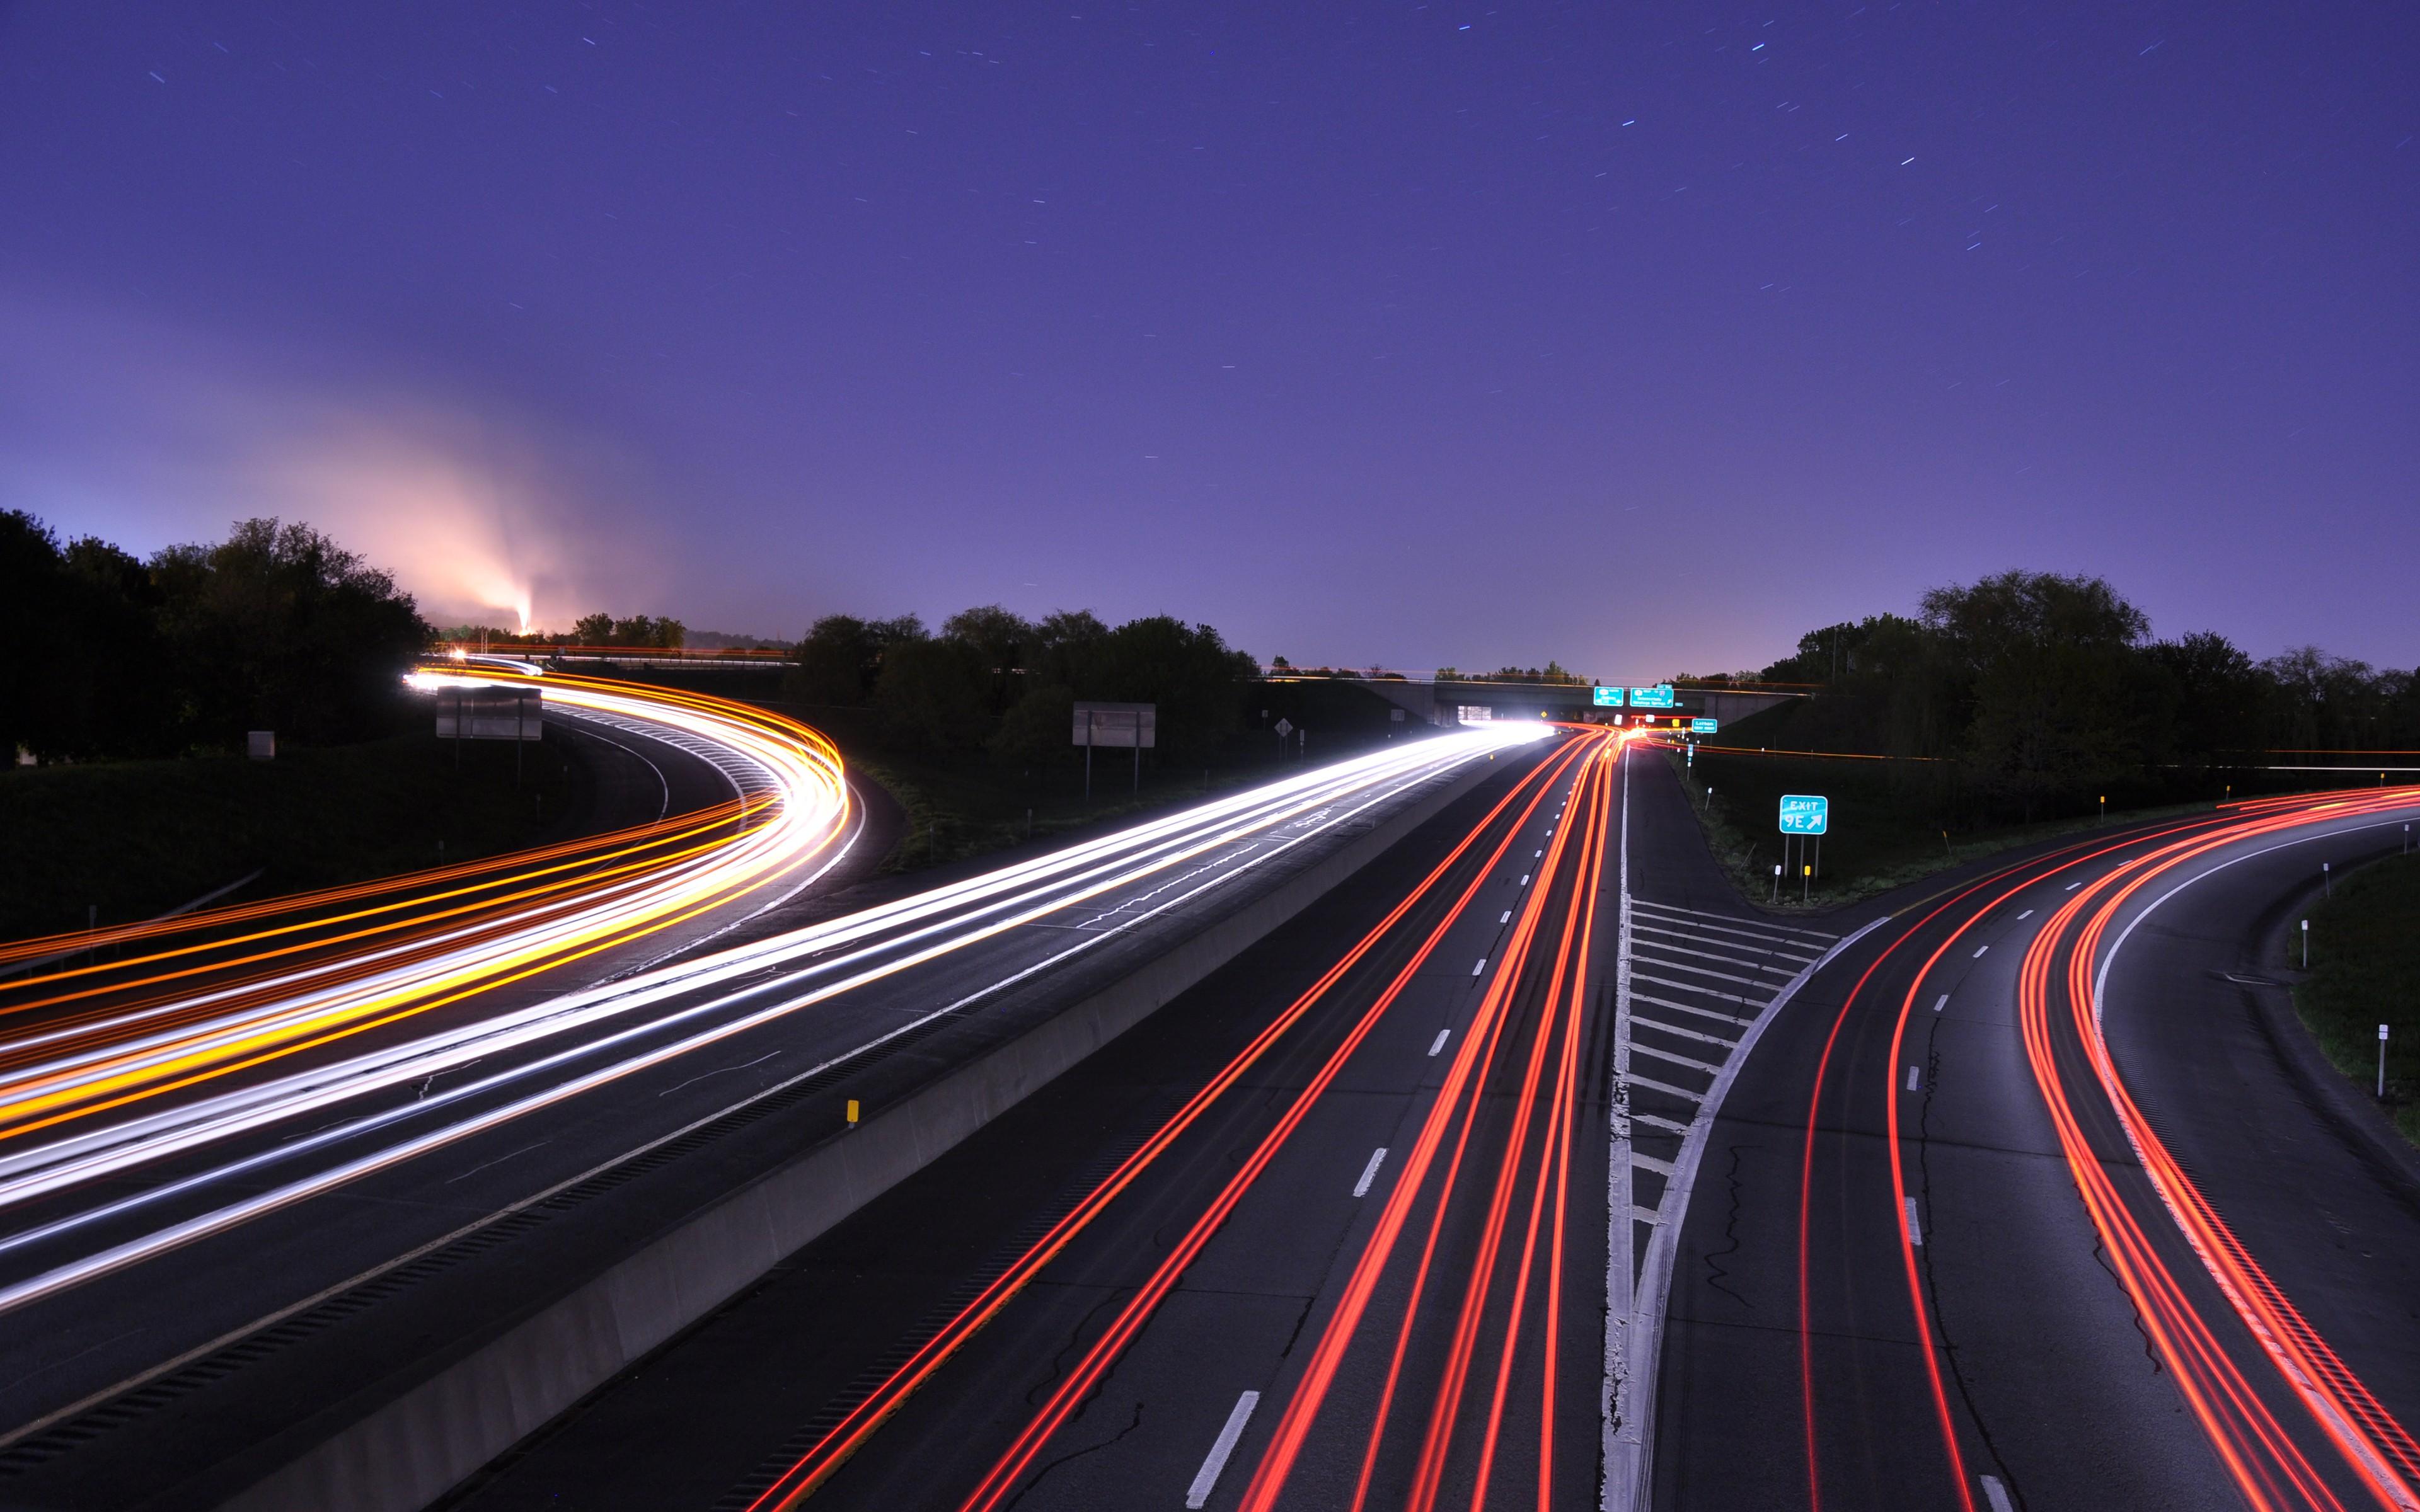 турок красивые картинками с дорогами что